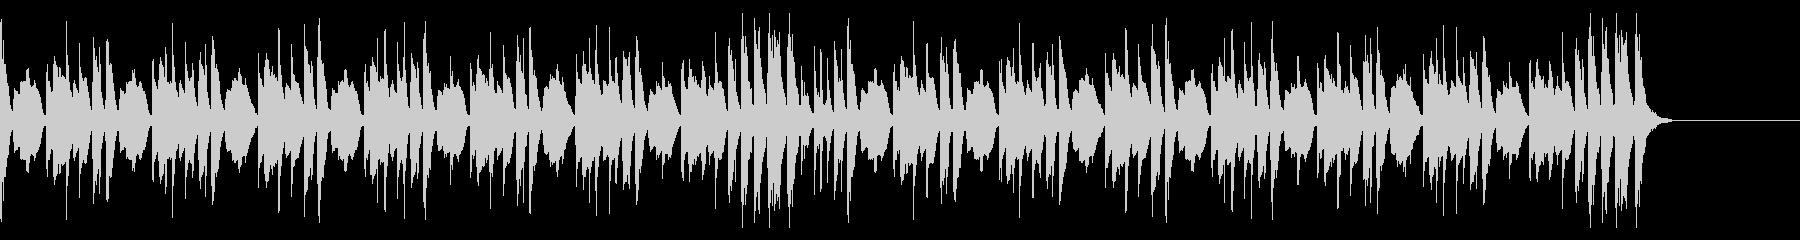 ほのぼのとしたマリンバのリズミカルな音楽の未再生の波形